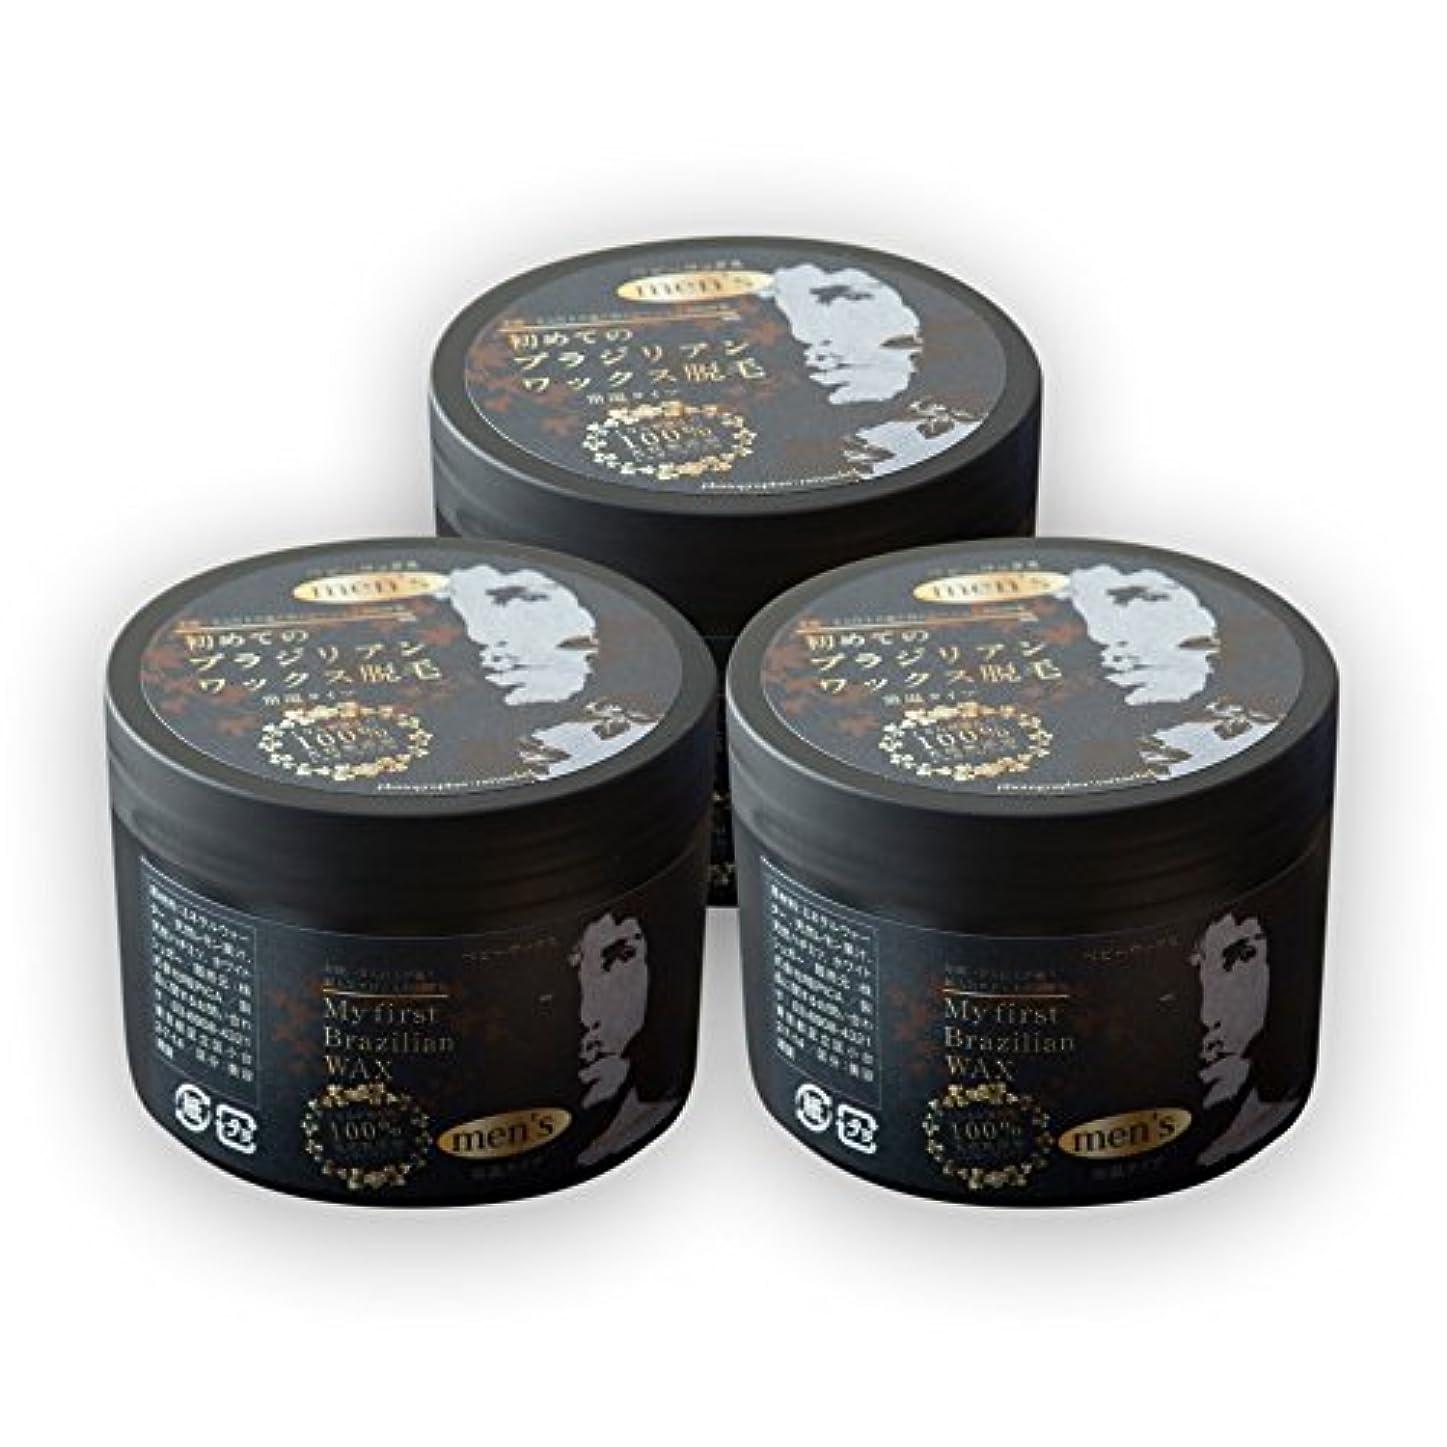 感じ喪心臓【単品】メンズ専 ブラジリアンワックス BABY WAX 専門サロンの初めてのブラジリアンワックス脱毛【100%国産無添加】 (3個セット)